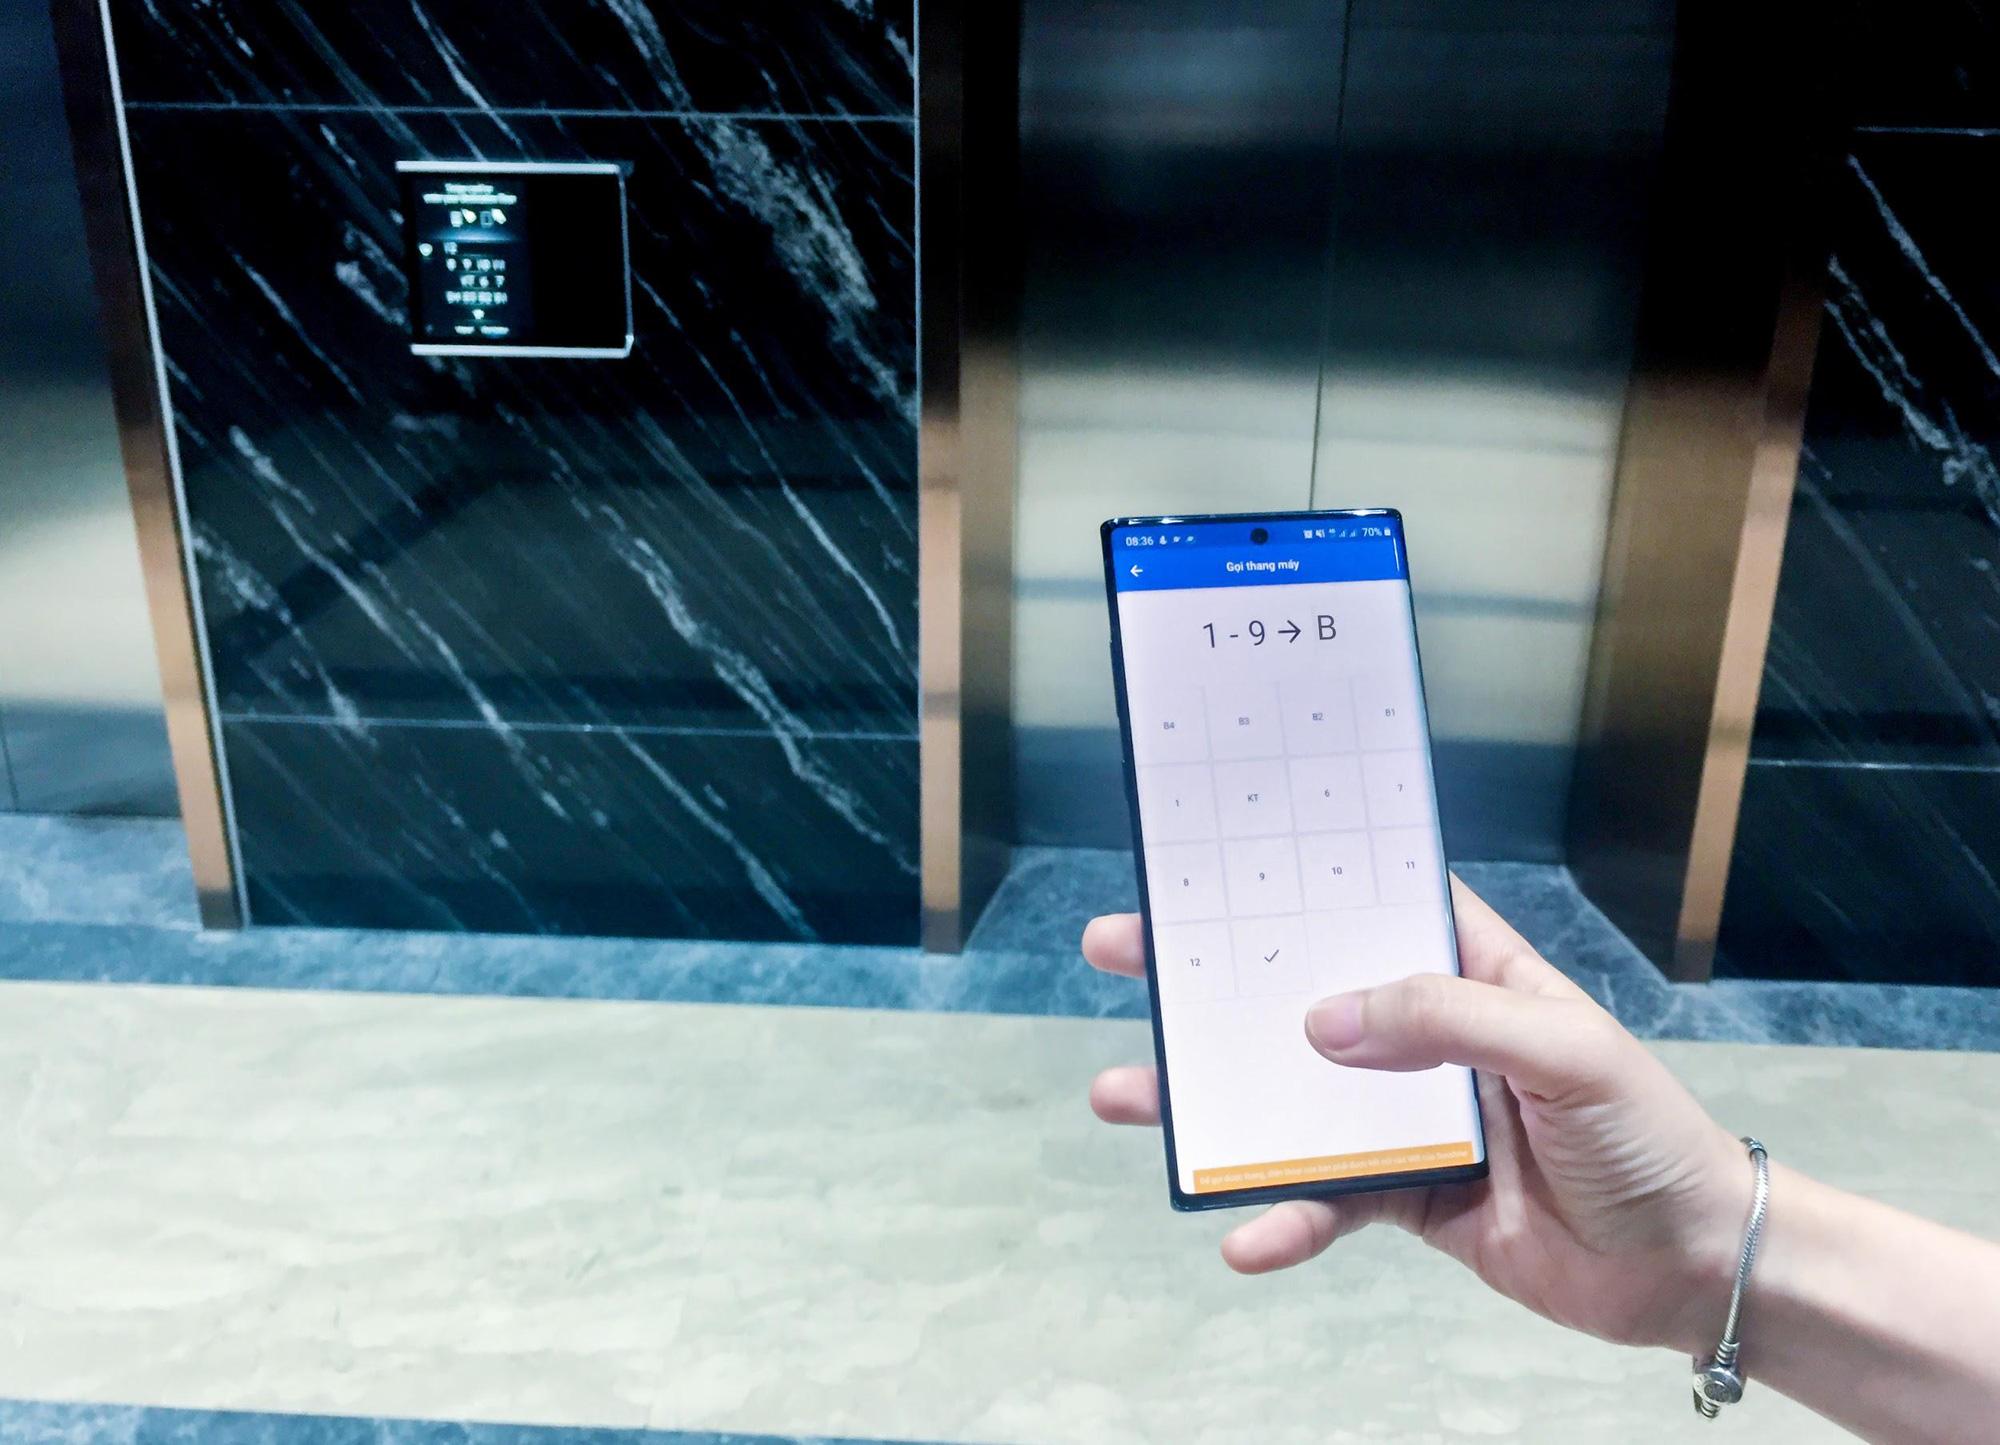 Gọi thang máy qua điện thoại, đo thân nhiệt tự động bằng tia hồng ngoại, bán hàng trên App...Tập đoàn BĐS lớn này đang sử dụng Lá chắn công nghệ bảo vệ khách hàng giữa dịch Covid-19  - Ảnh 3.